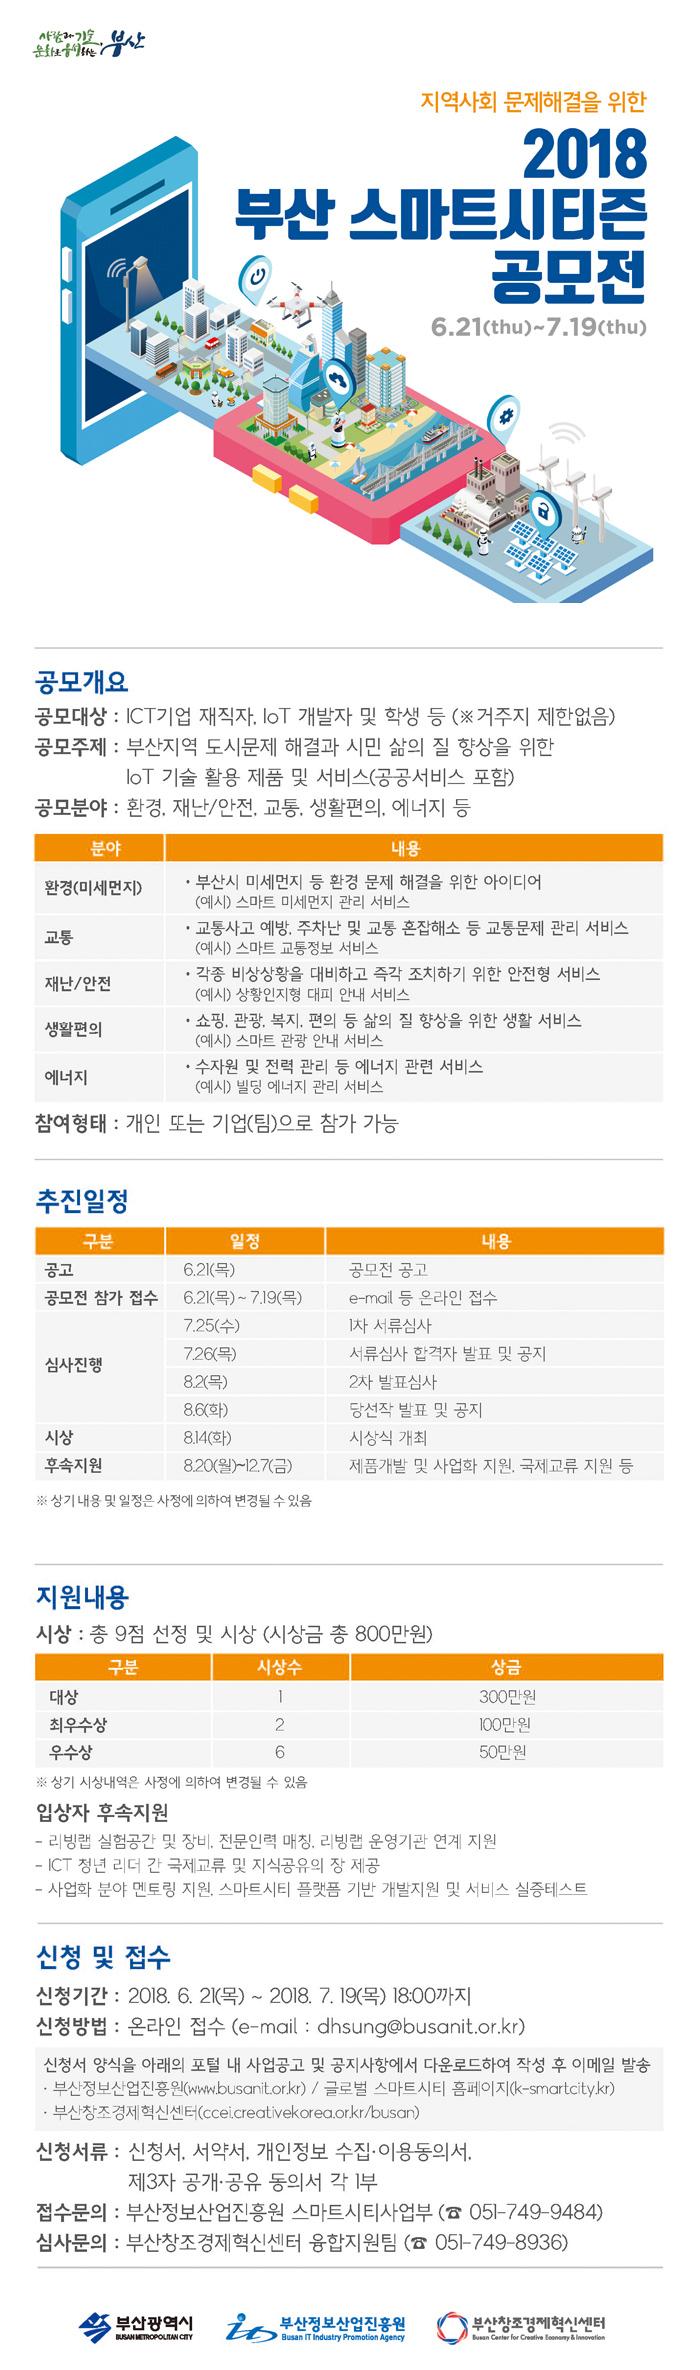 2018 부산 스마트시티즌 공모전 공고